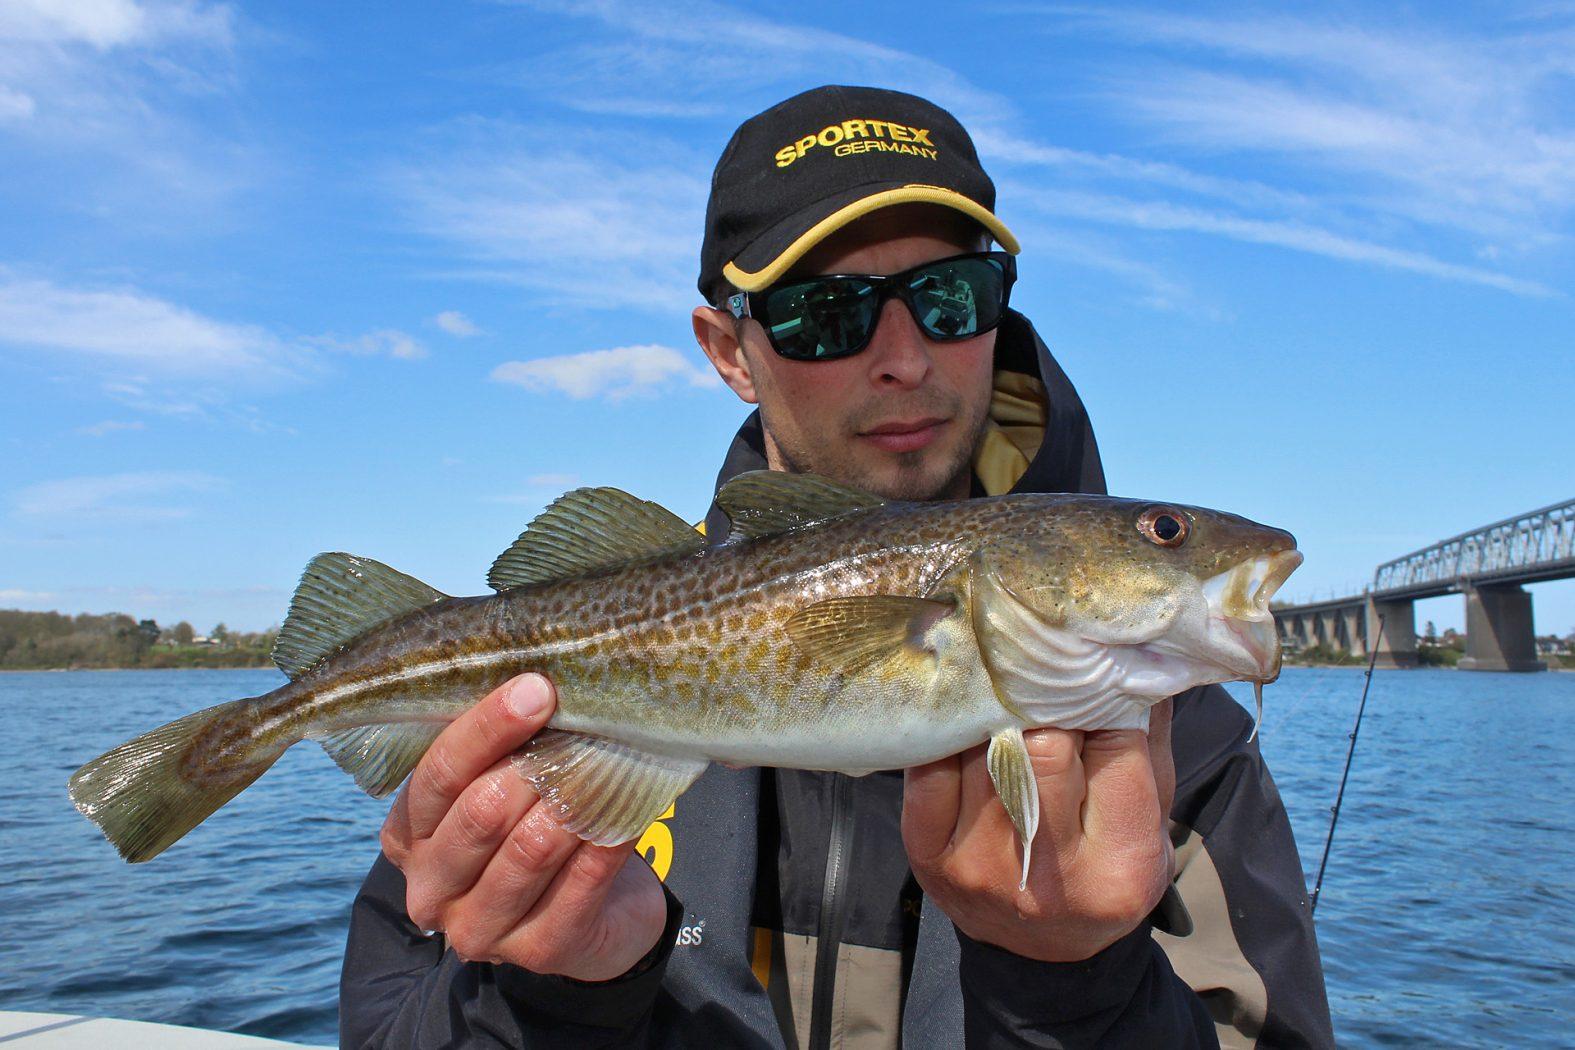 Dorsch angeln Dänemark